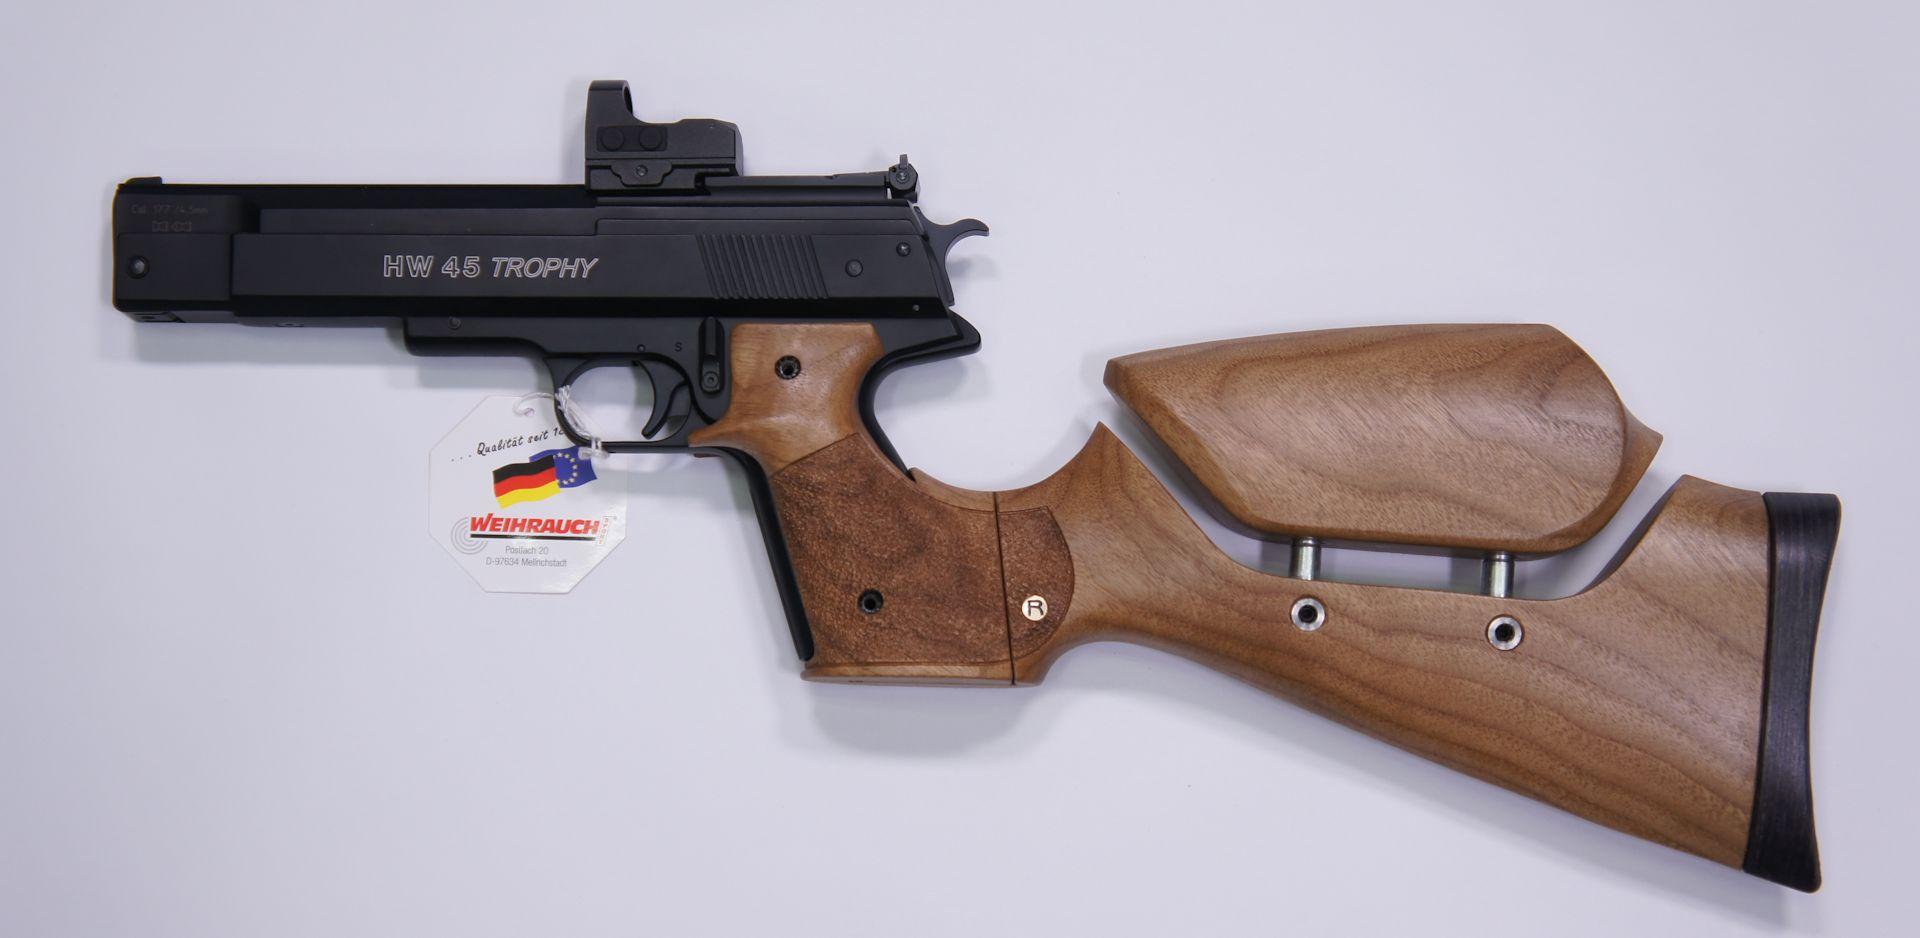 Montagebeispiel mit der Luftpistole Weihrauch  HW 45 Trophy